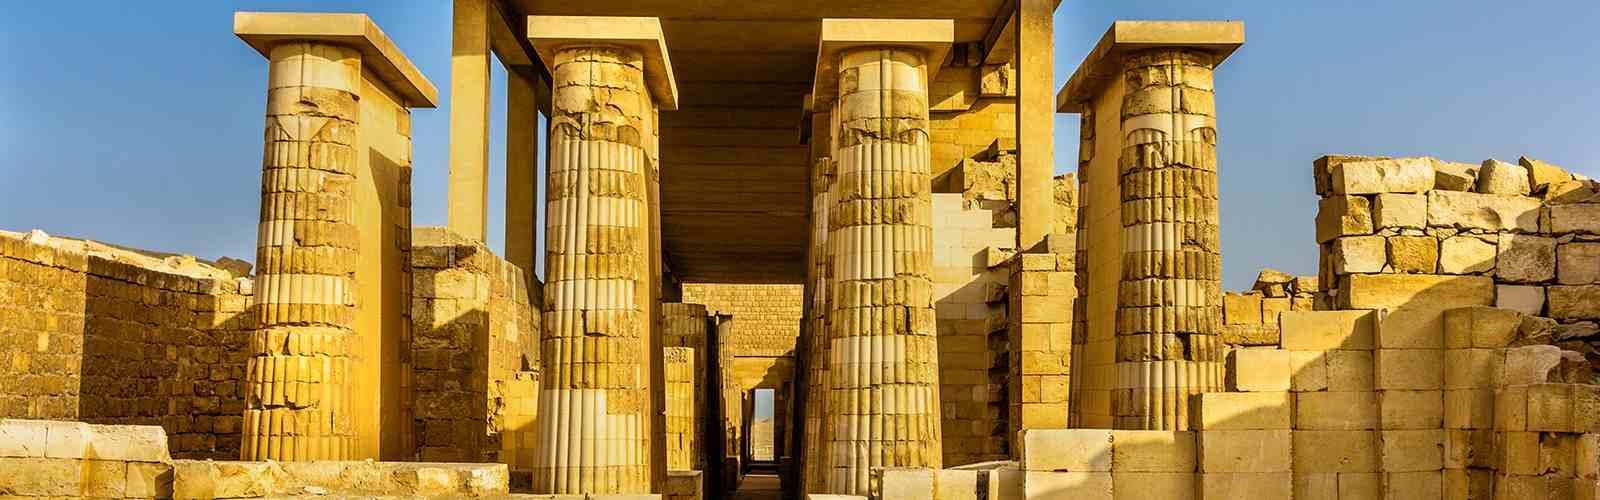 Memphis City in Egypt